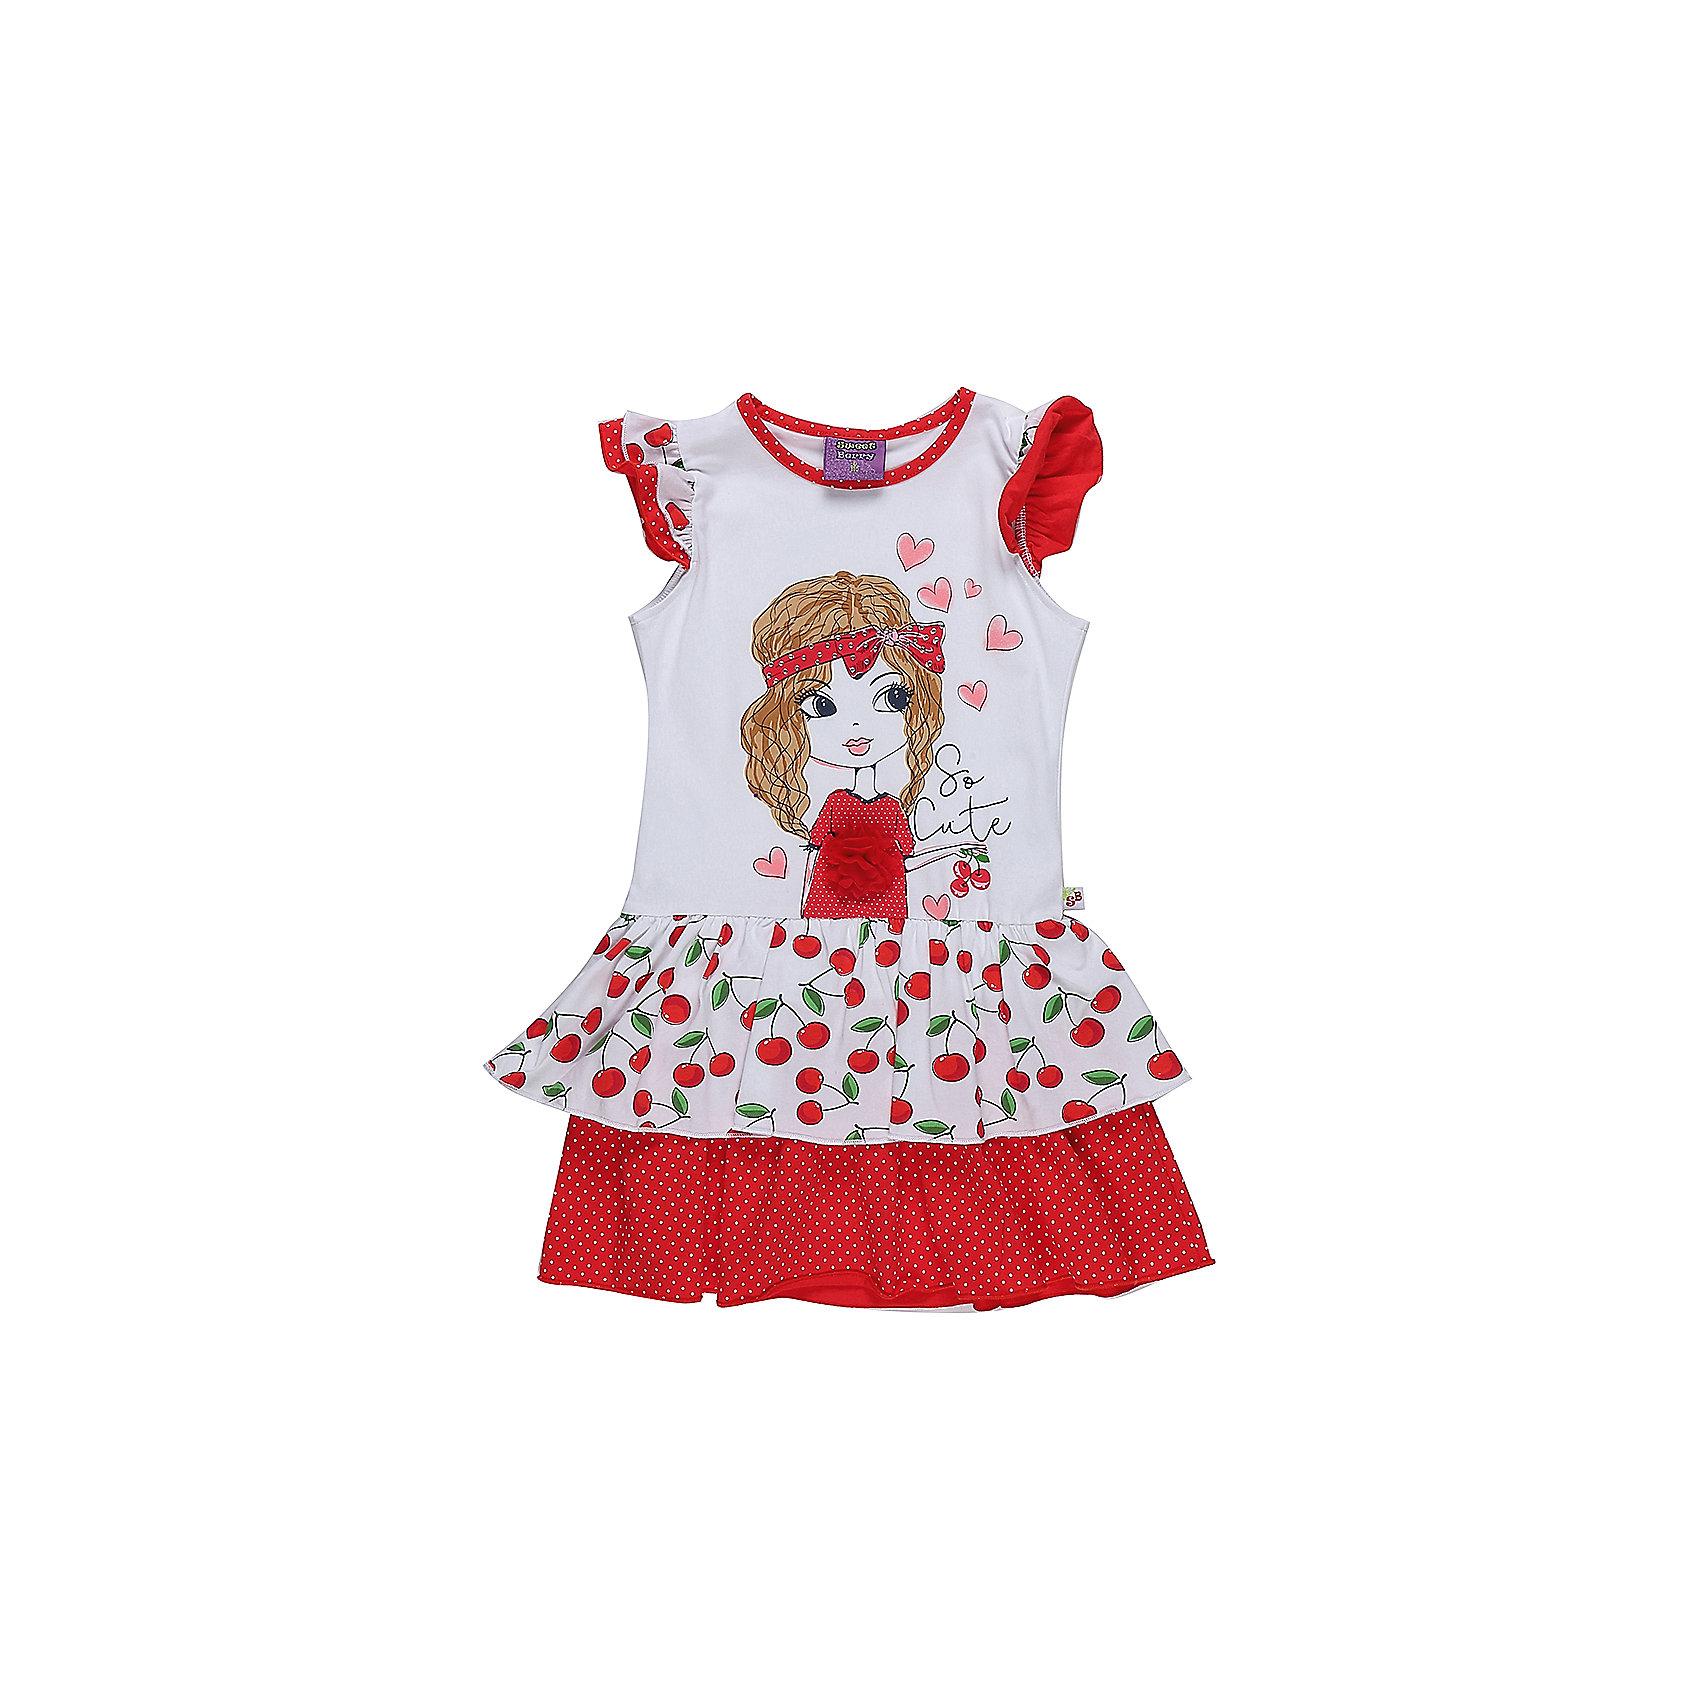 Платье для девочки Sweet BerryЛетние платья и сарафаны<br>Яркое трикотажное платье из принтованной ткани с аппликацией. Низ изделия декорирован контрастными воланами. Рукава крылышки.<br>Состав:<br>95%хлопок 5%эластан<br><br>Ширина мм: 236<br>Глубина мм: 16<br>Высота мм: 184<br>Вес г: 177<br>Цвет: белый<br>Возраст от месяцев: 36<br>Возраст до месяцев: 48<br>Пол: Женский<br>Возраст: Детский<br>Размер: 104,98,110,116,122,128<br>SKU: 5409907